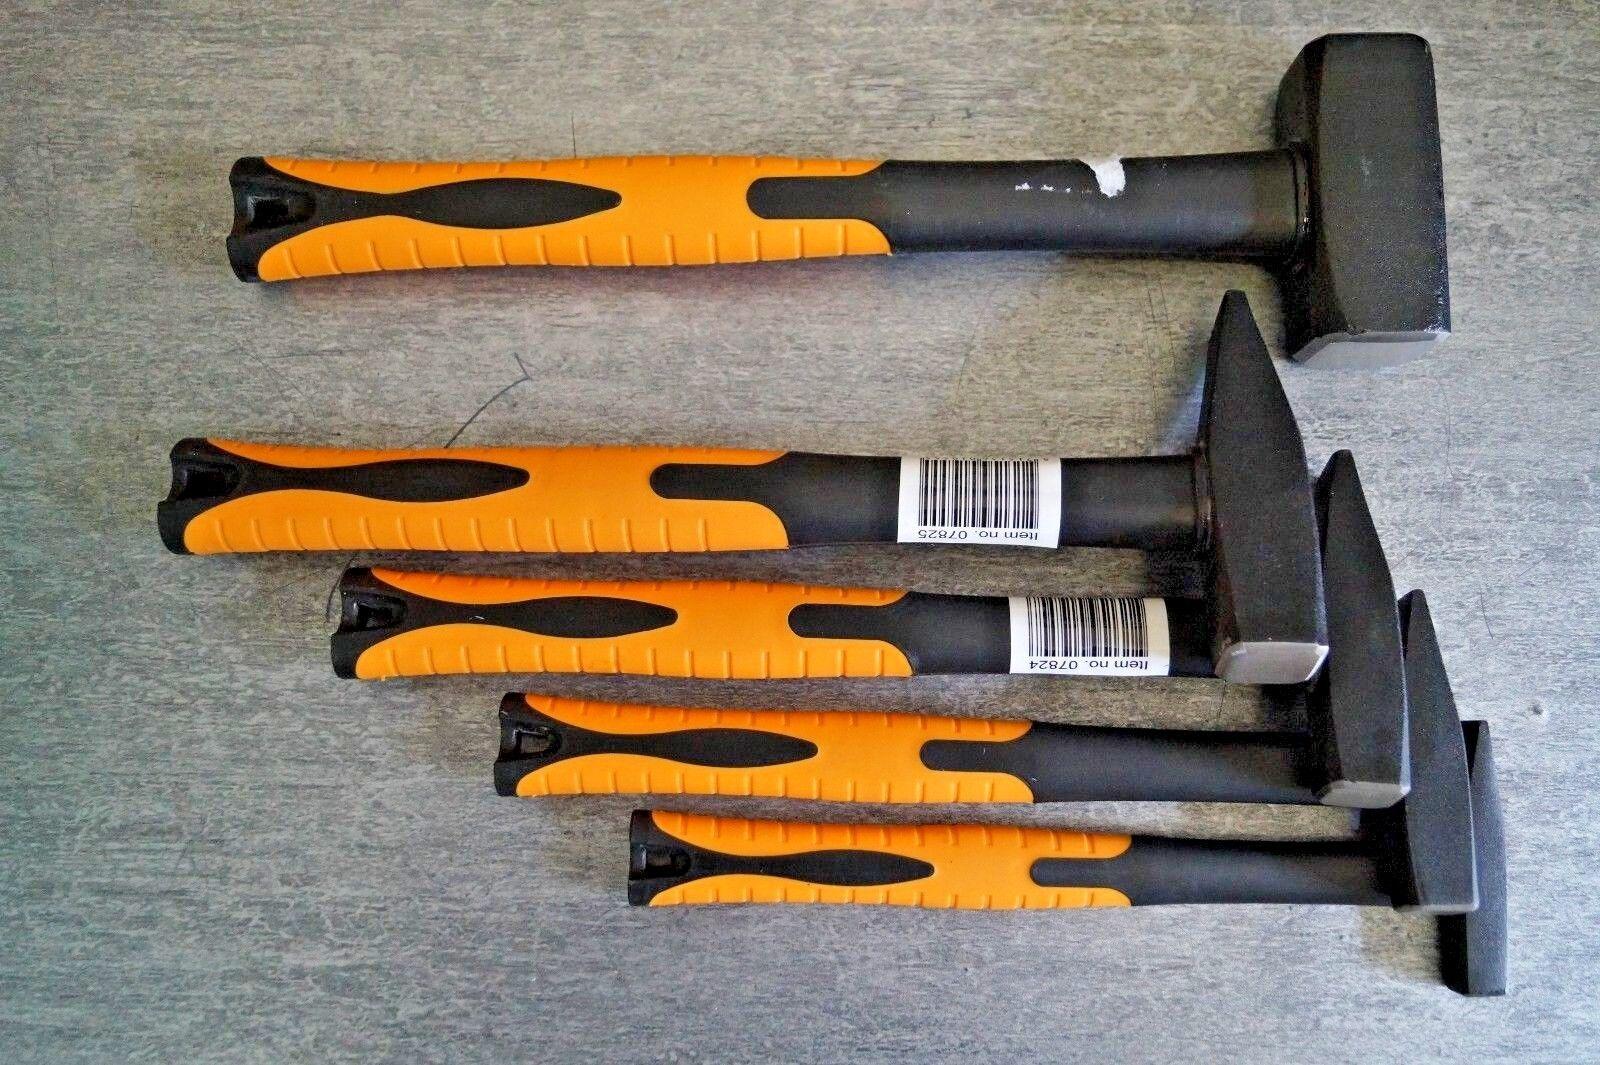 Fäustel Schlosserhammer Hammer Satz 100 200 300 500 1000 gr Profi  5 tlg Set